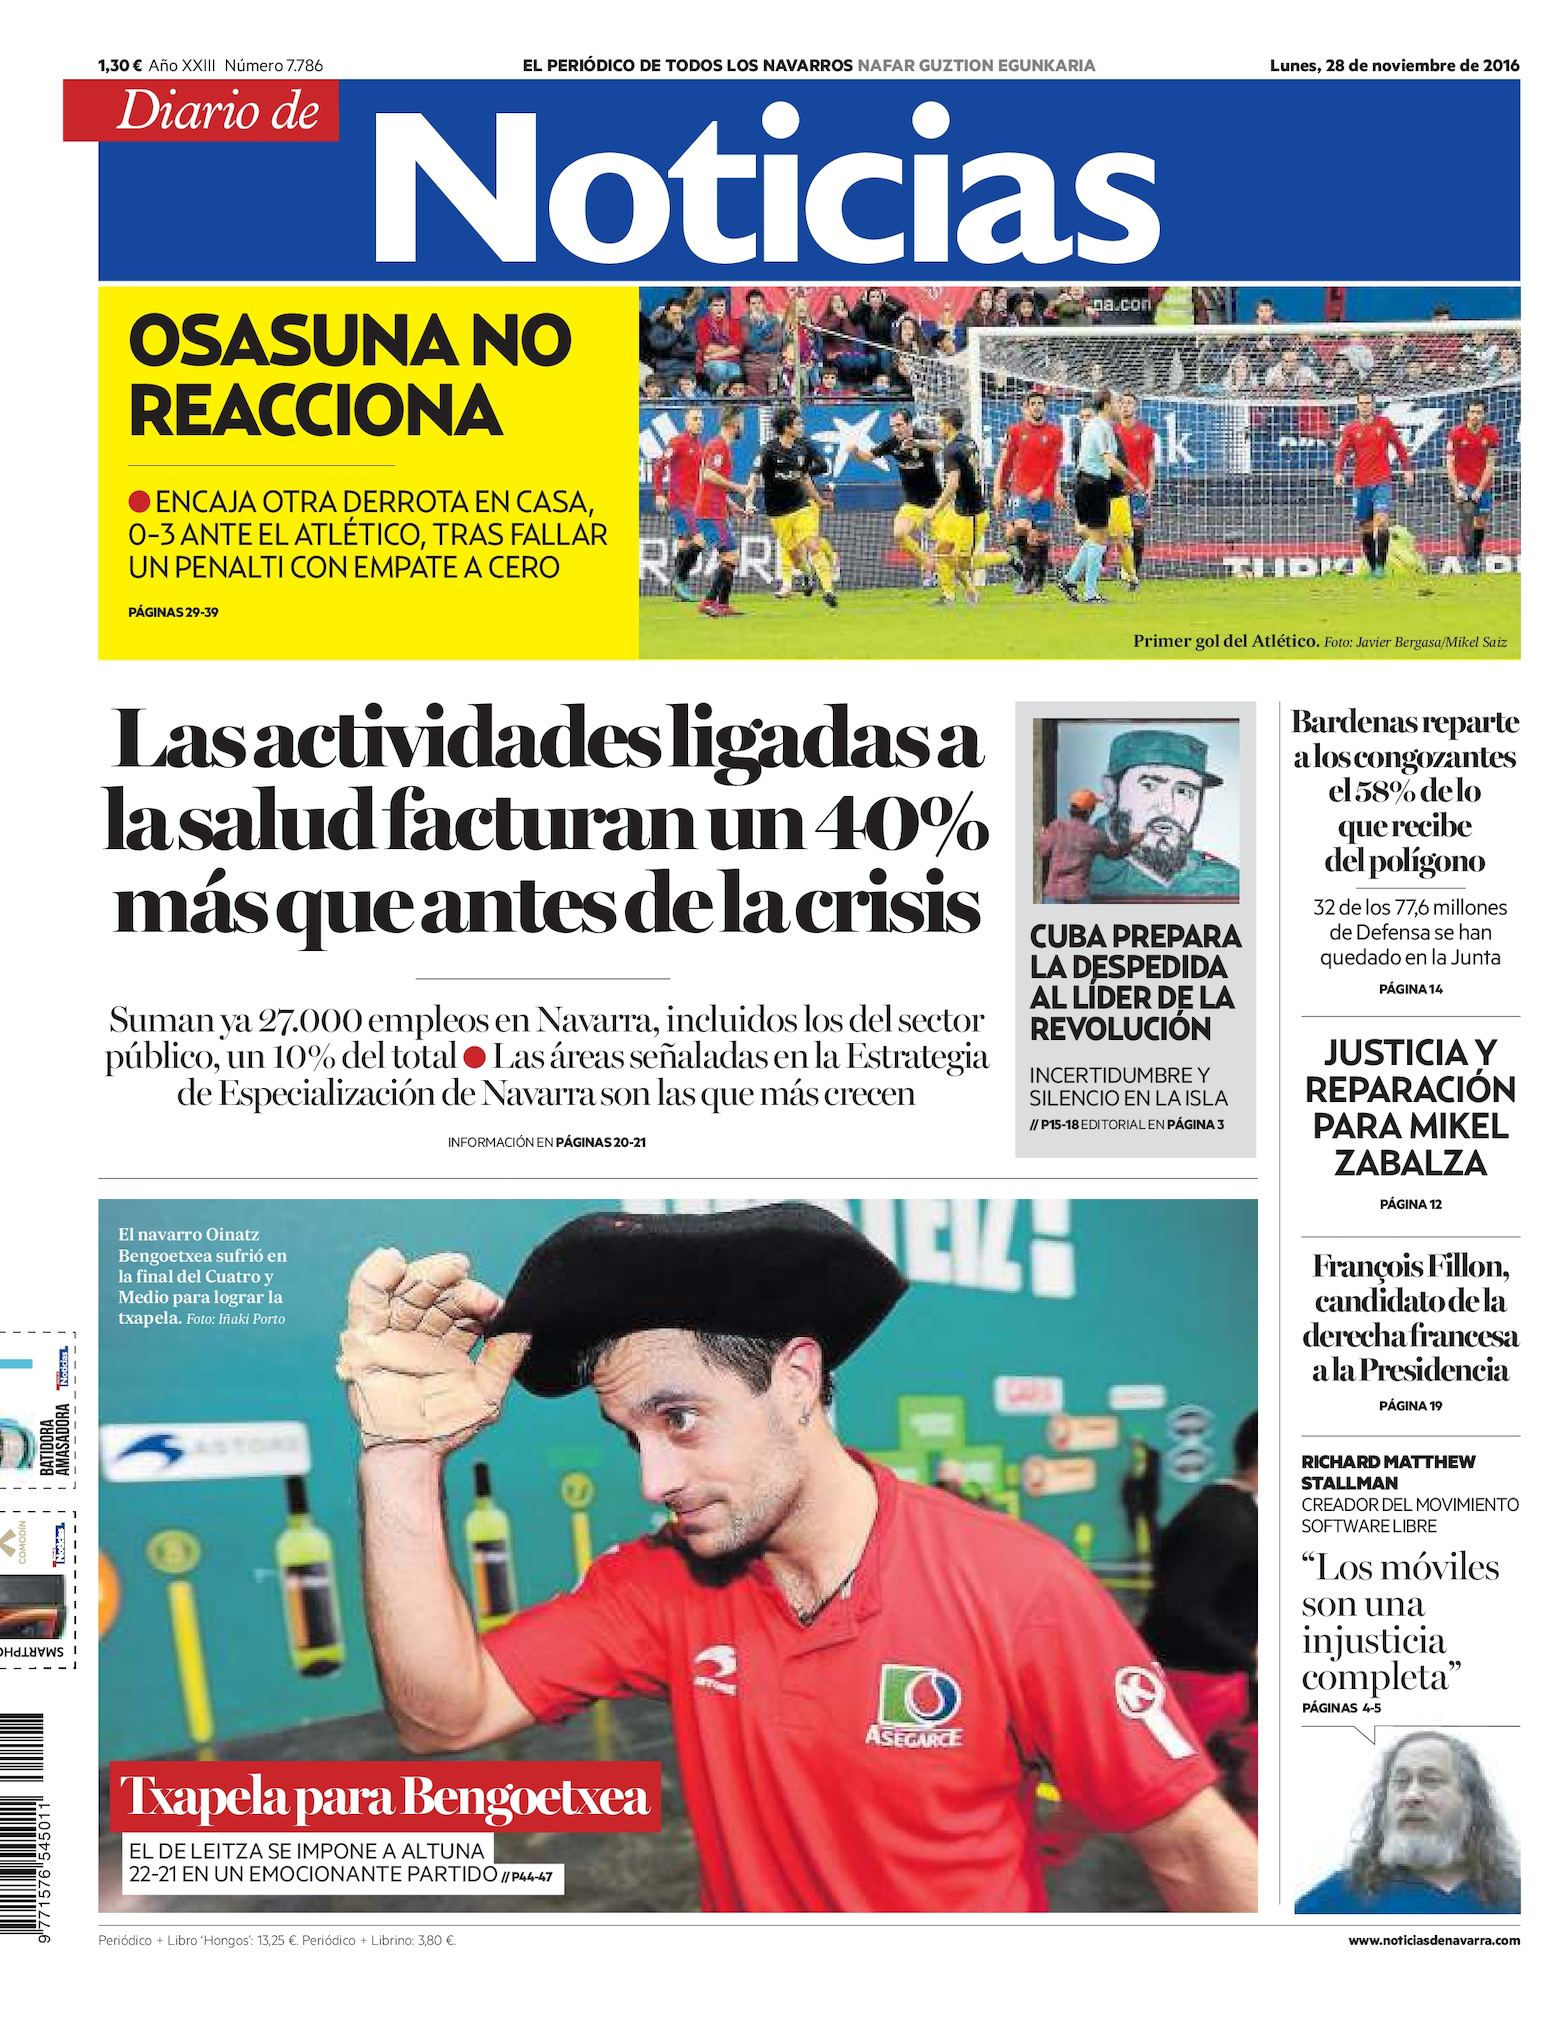 Calaméo - Diario de Noticias 20161128 fd0cdafbe984b